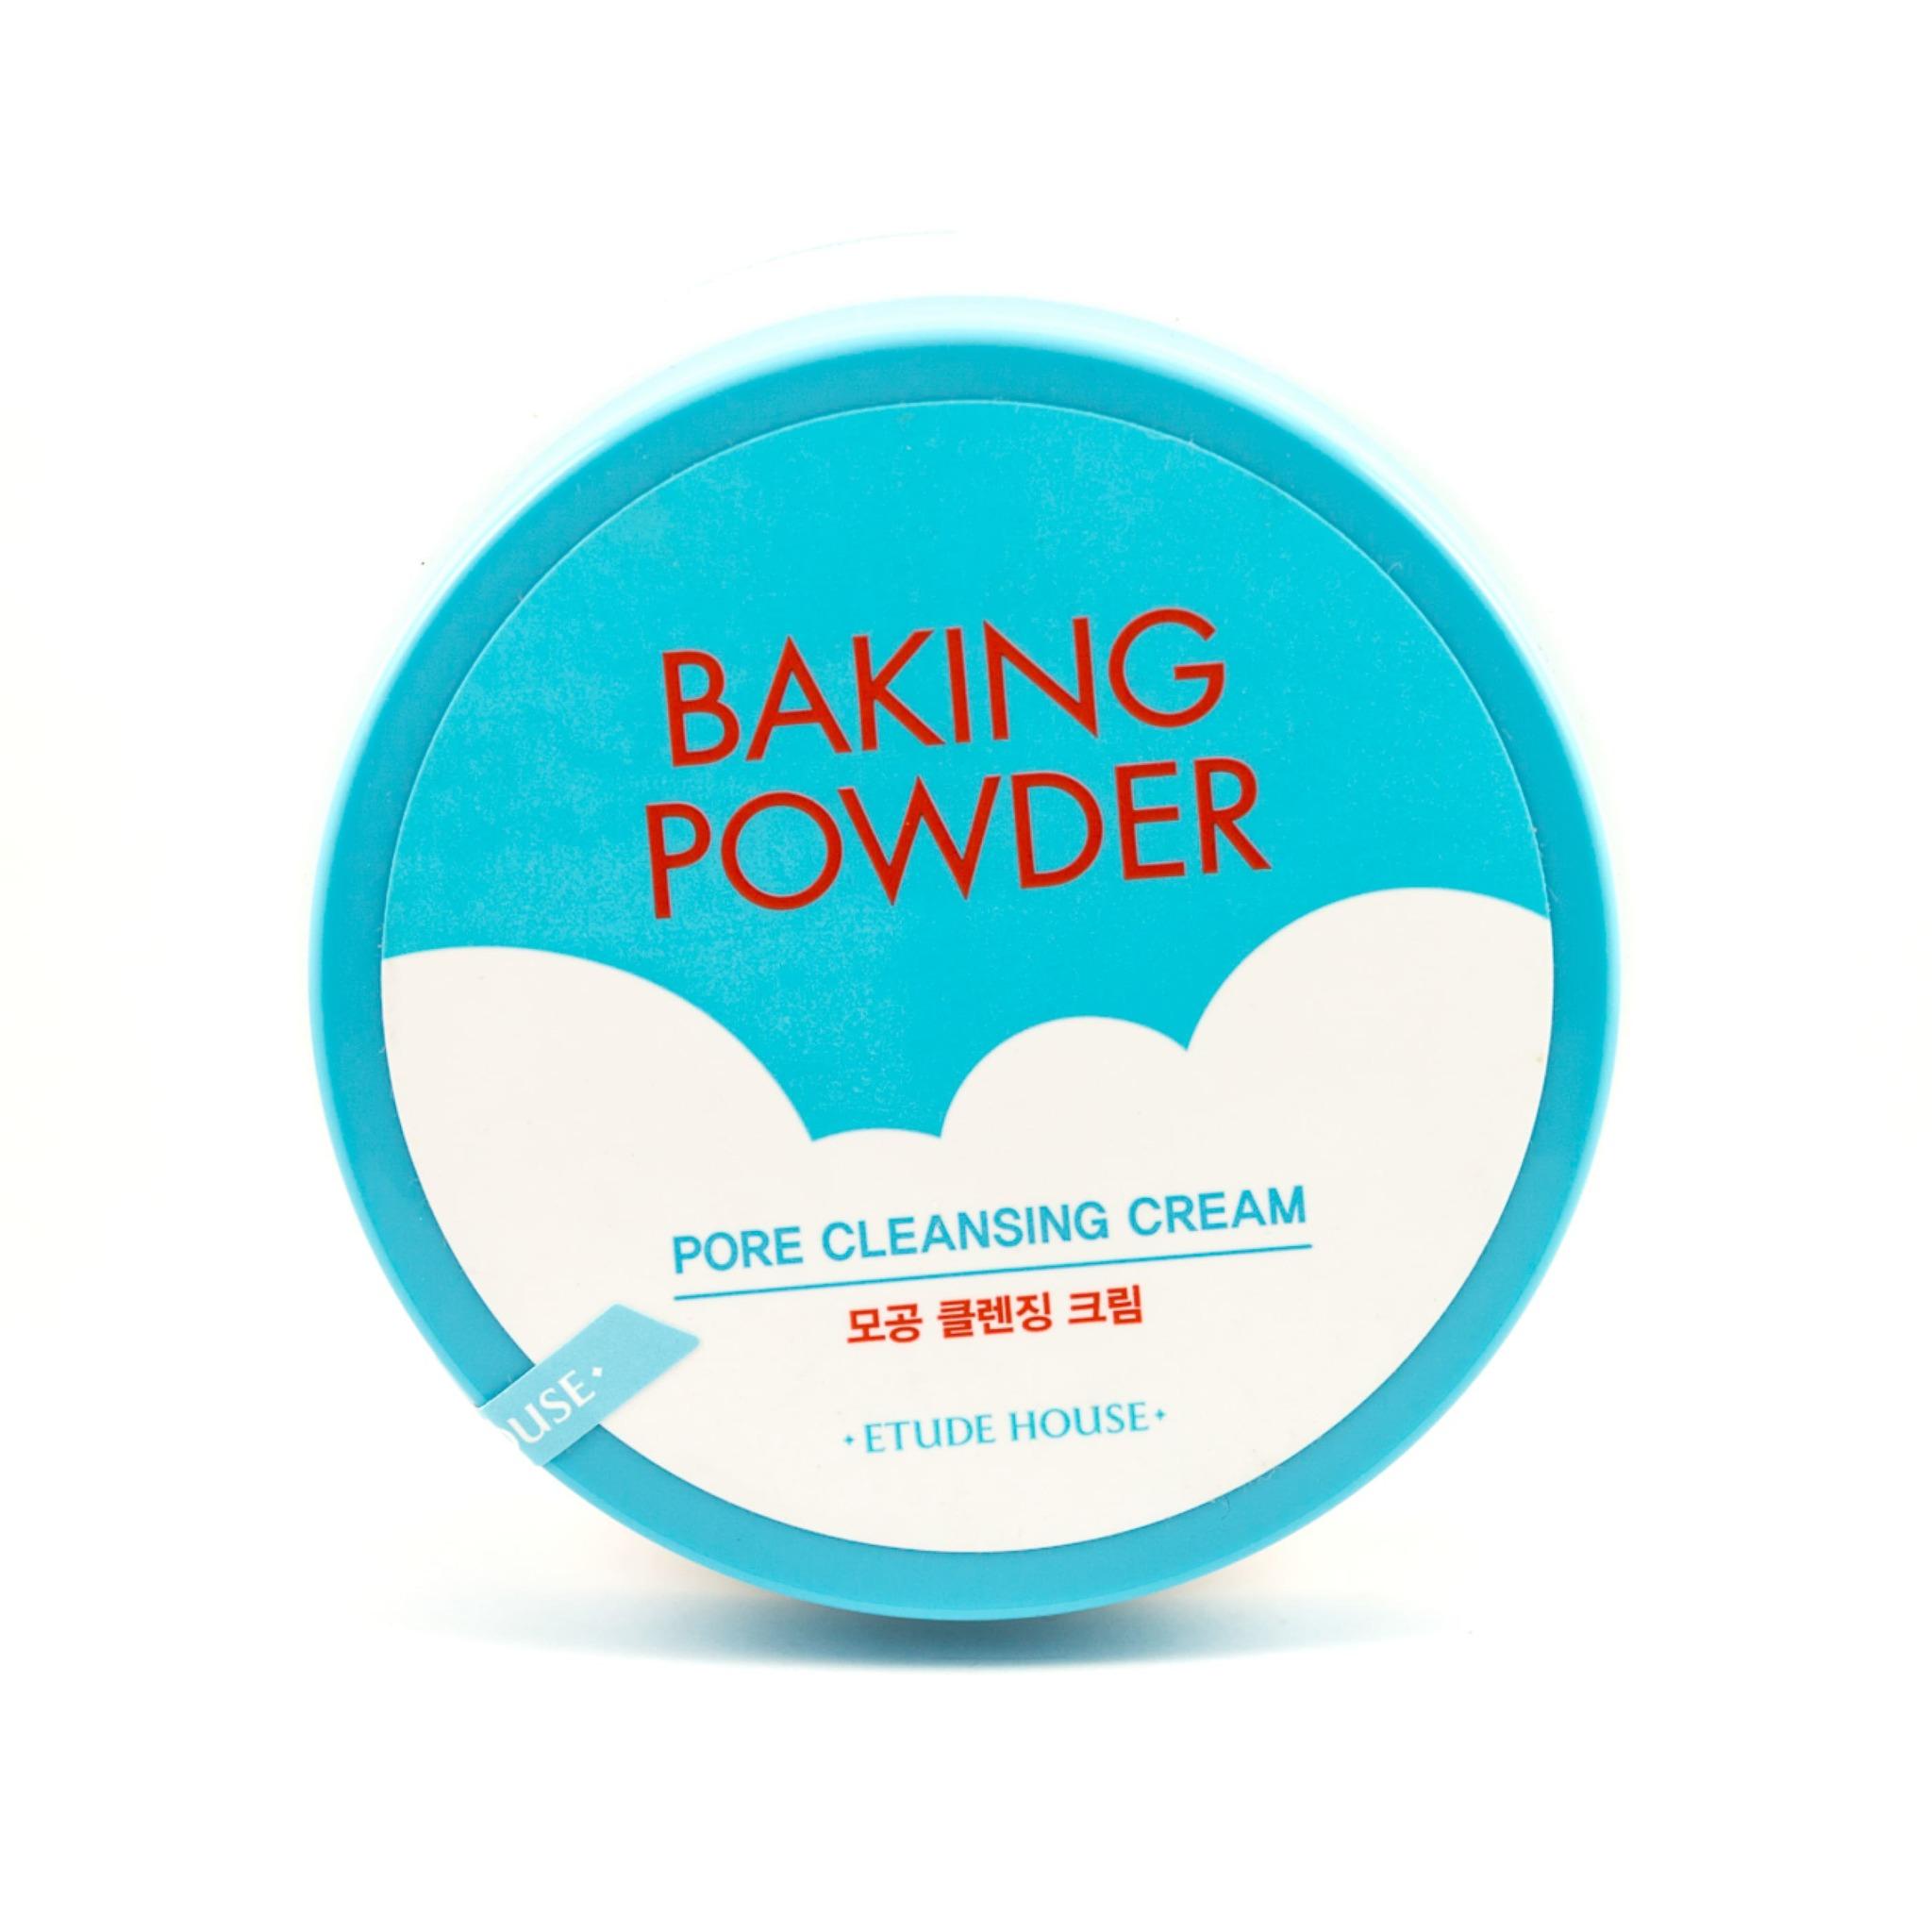 Очищающий крем для лица с содой - Etude House Baking Powder Pore Cleansing Cream